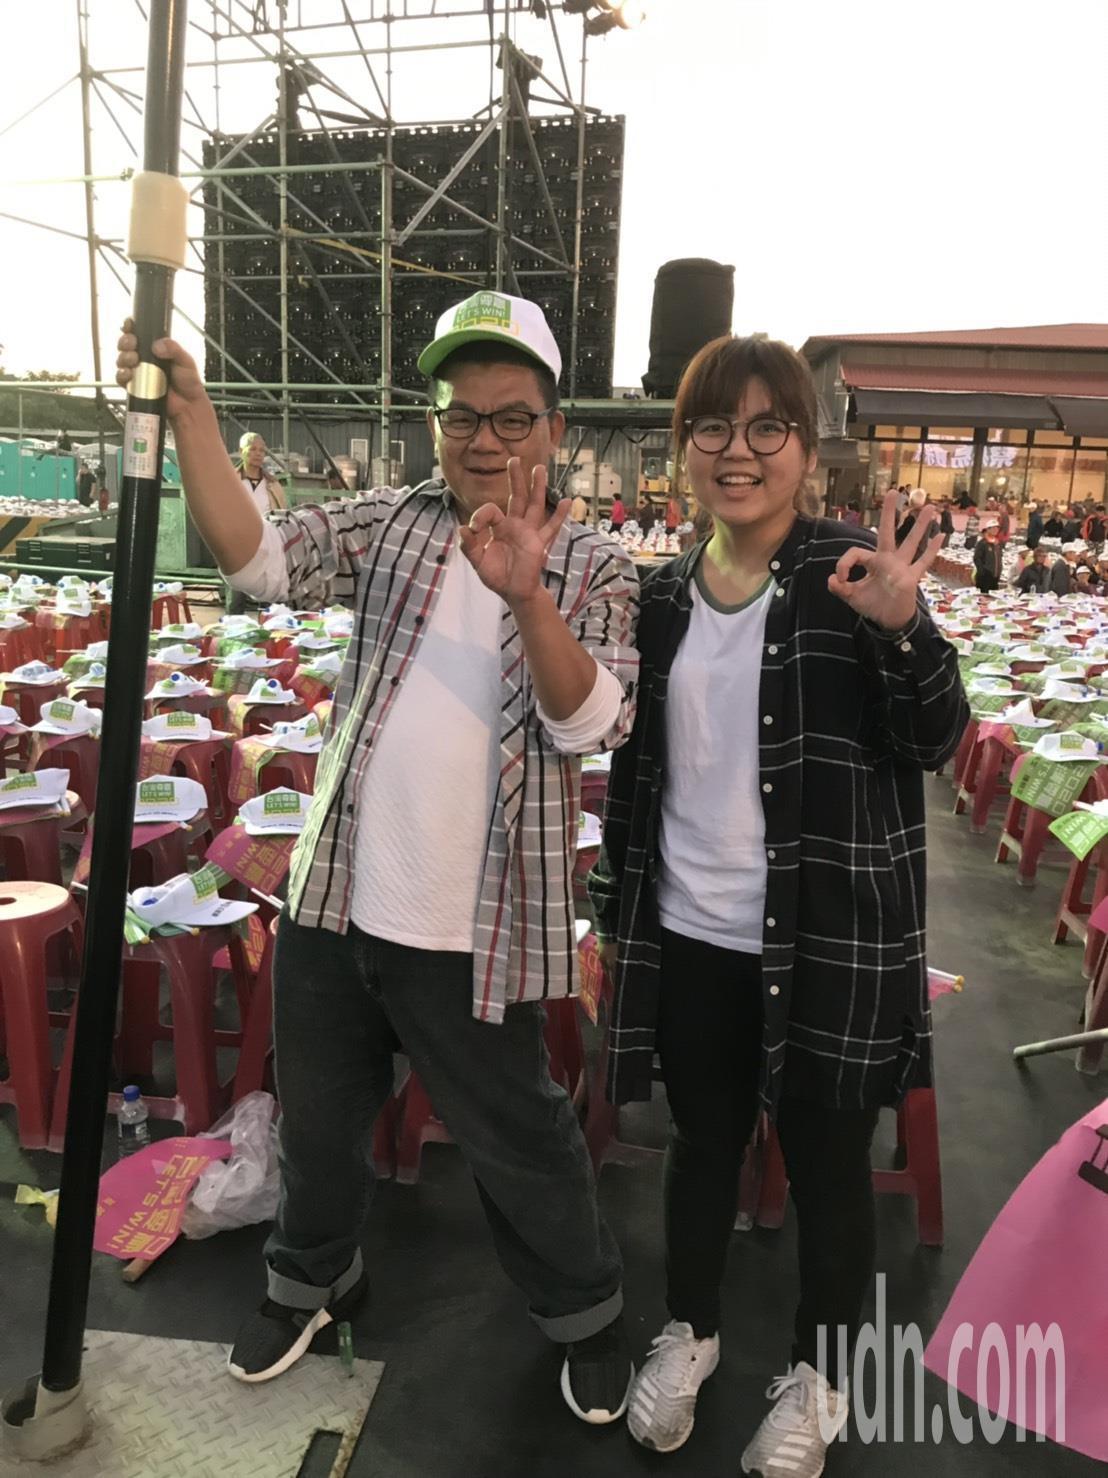 簡永鎮(左)帶著自製的「點亮台灣,蔡英文」大旗幟跑遍台灣,女兒簡妤珊(右)自4歲...